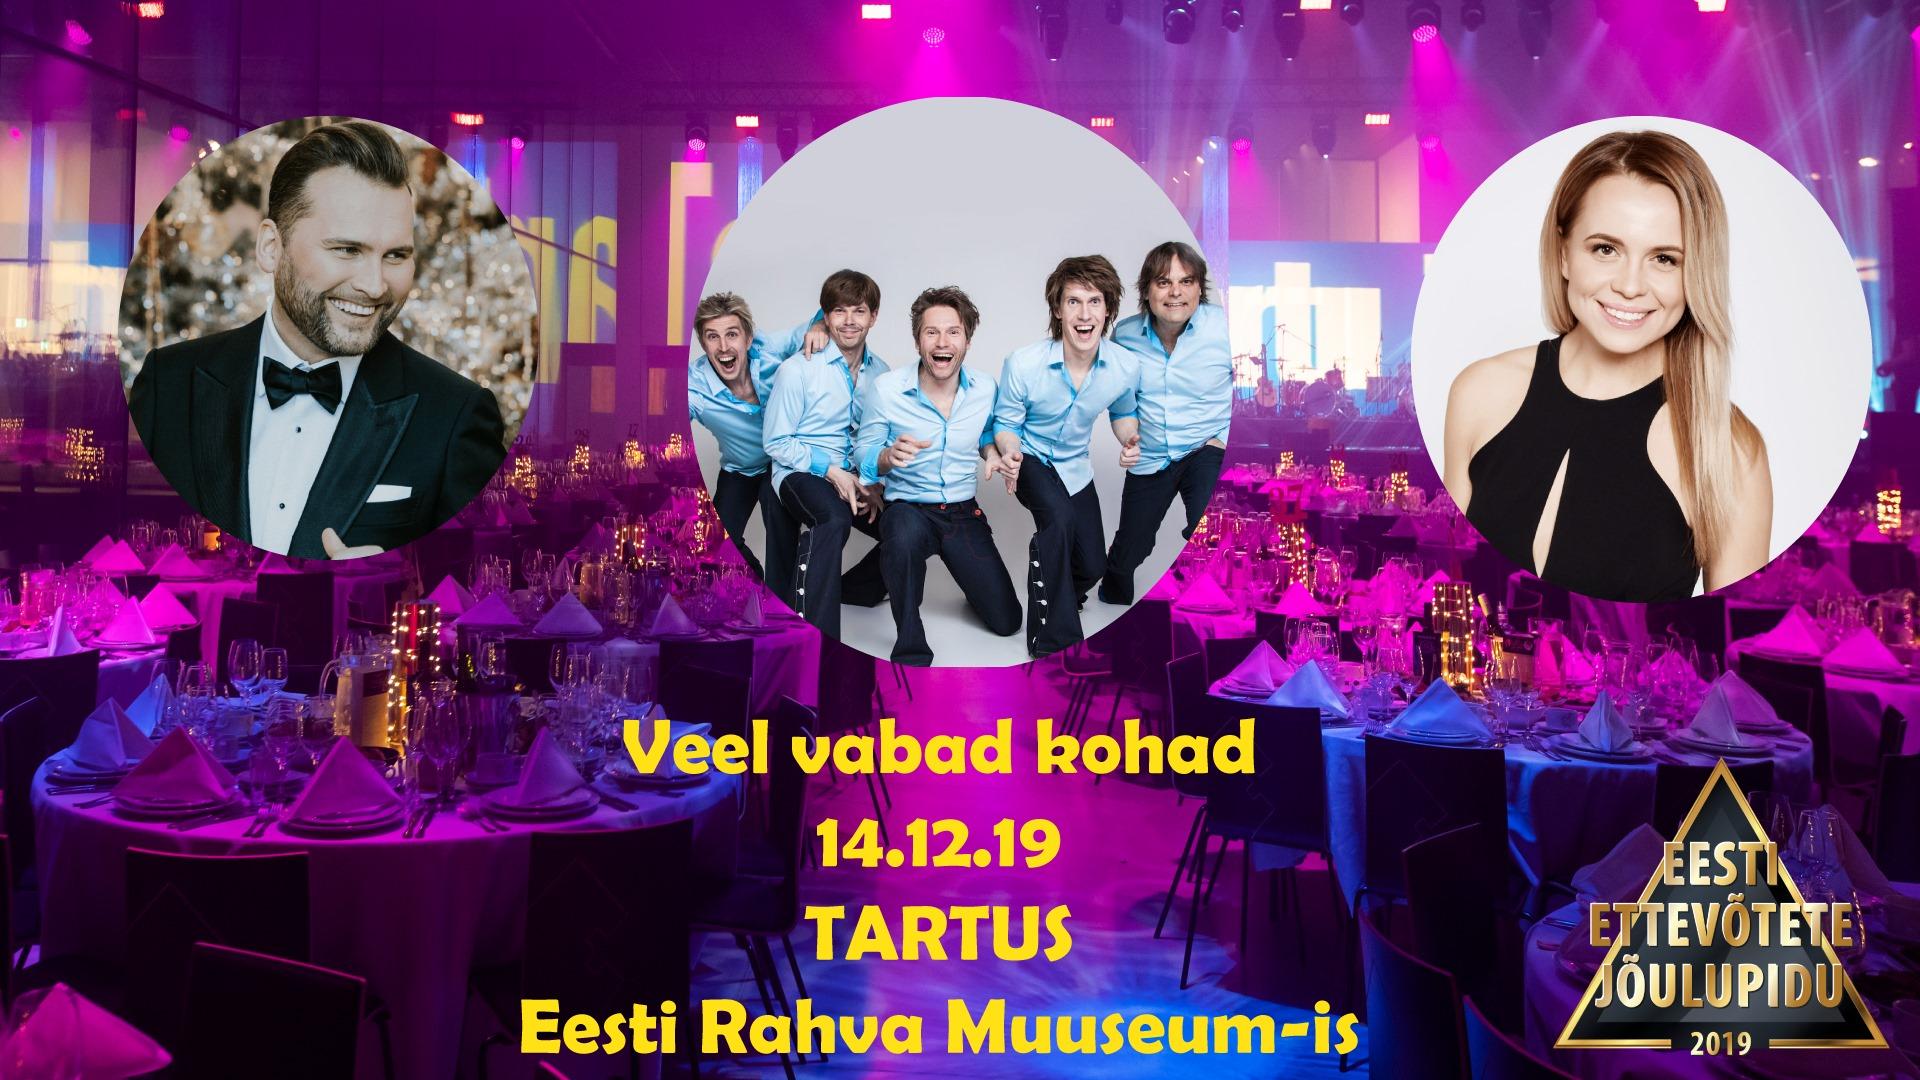 Eesti Ettevõtete Jõulupidu